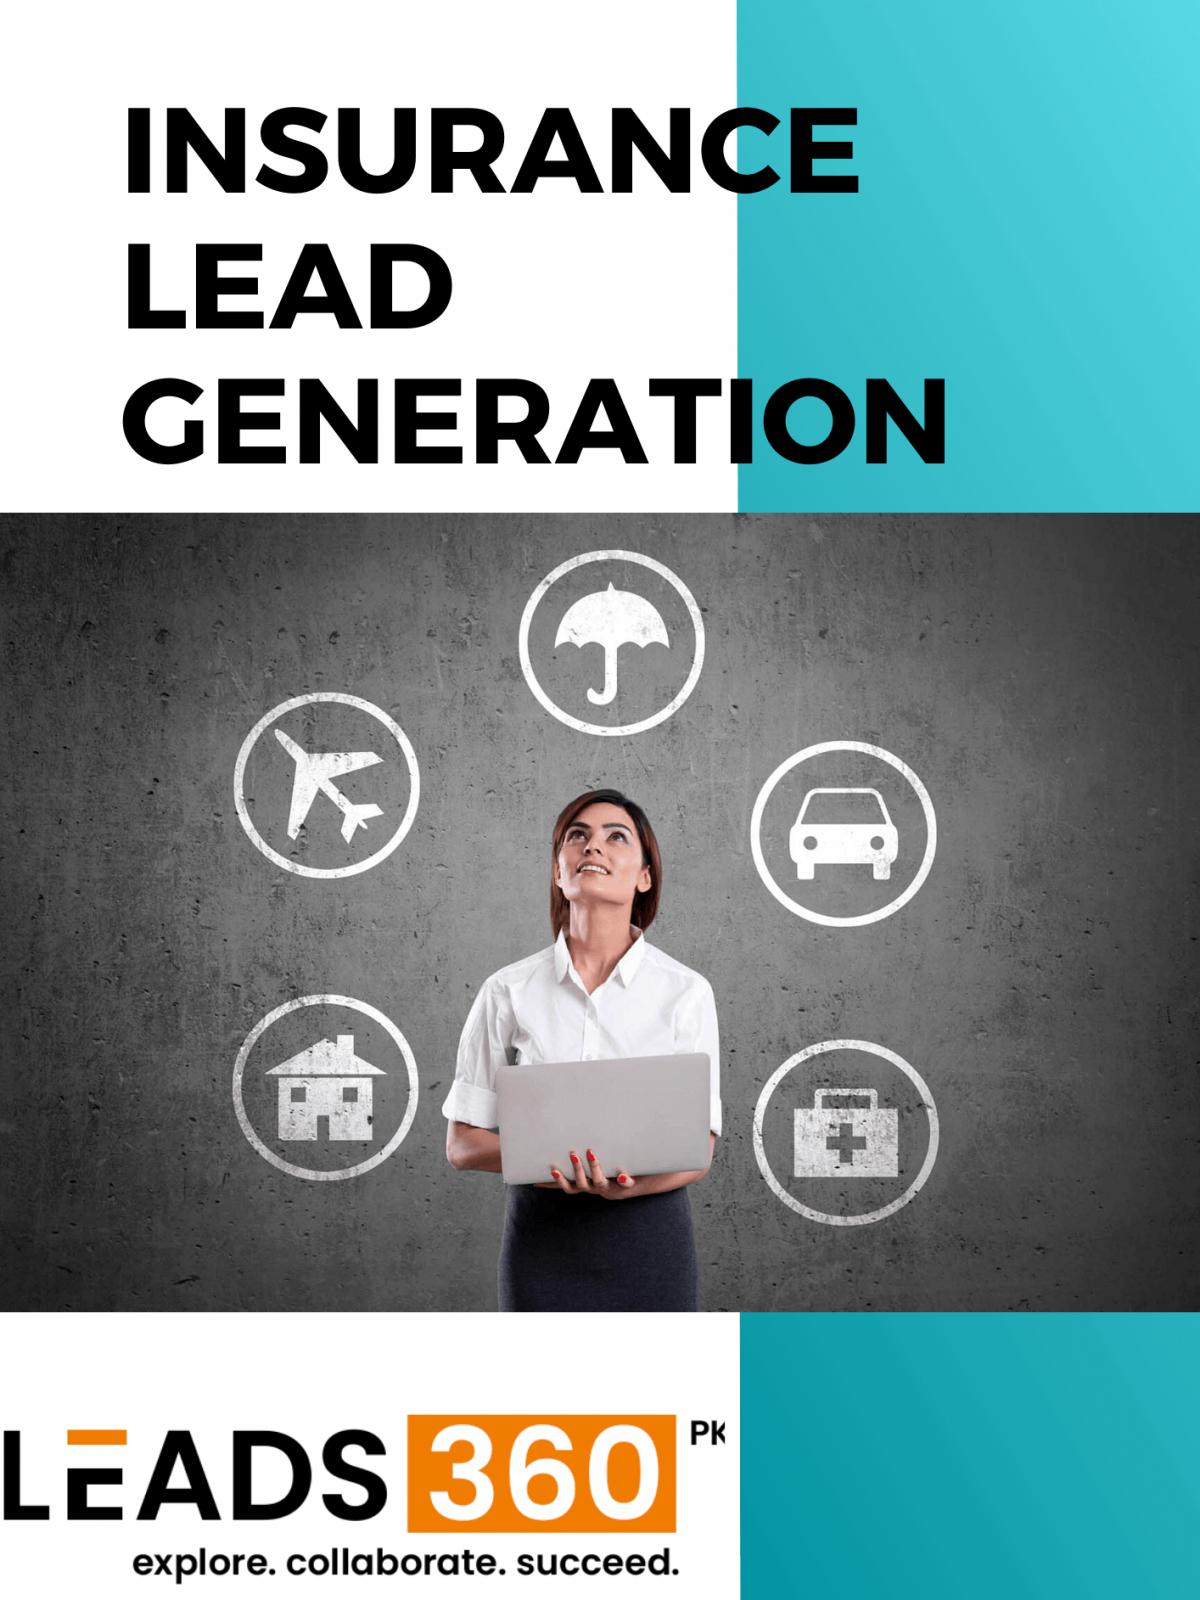 Insurance-lead-generation-in-pakistan